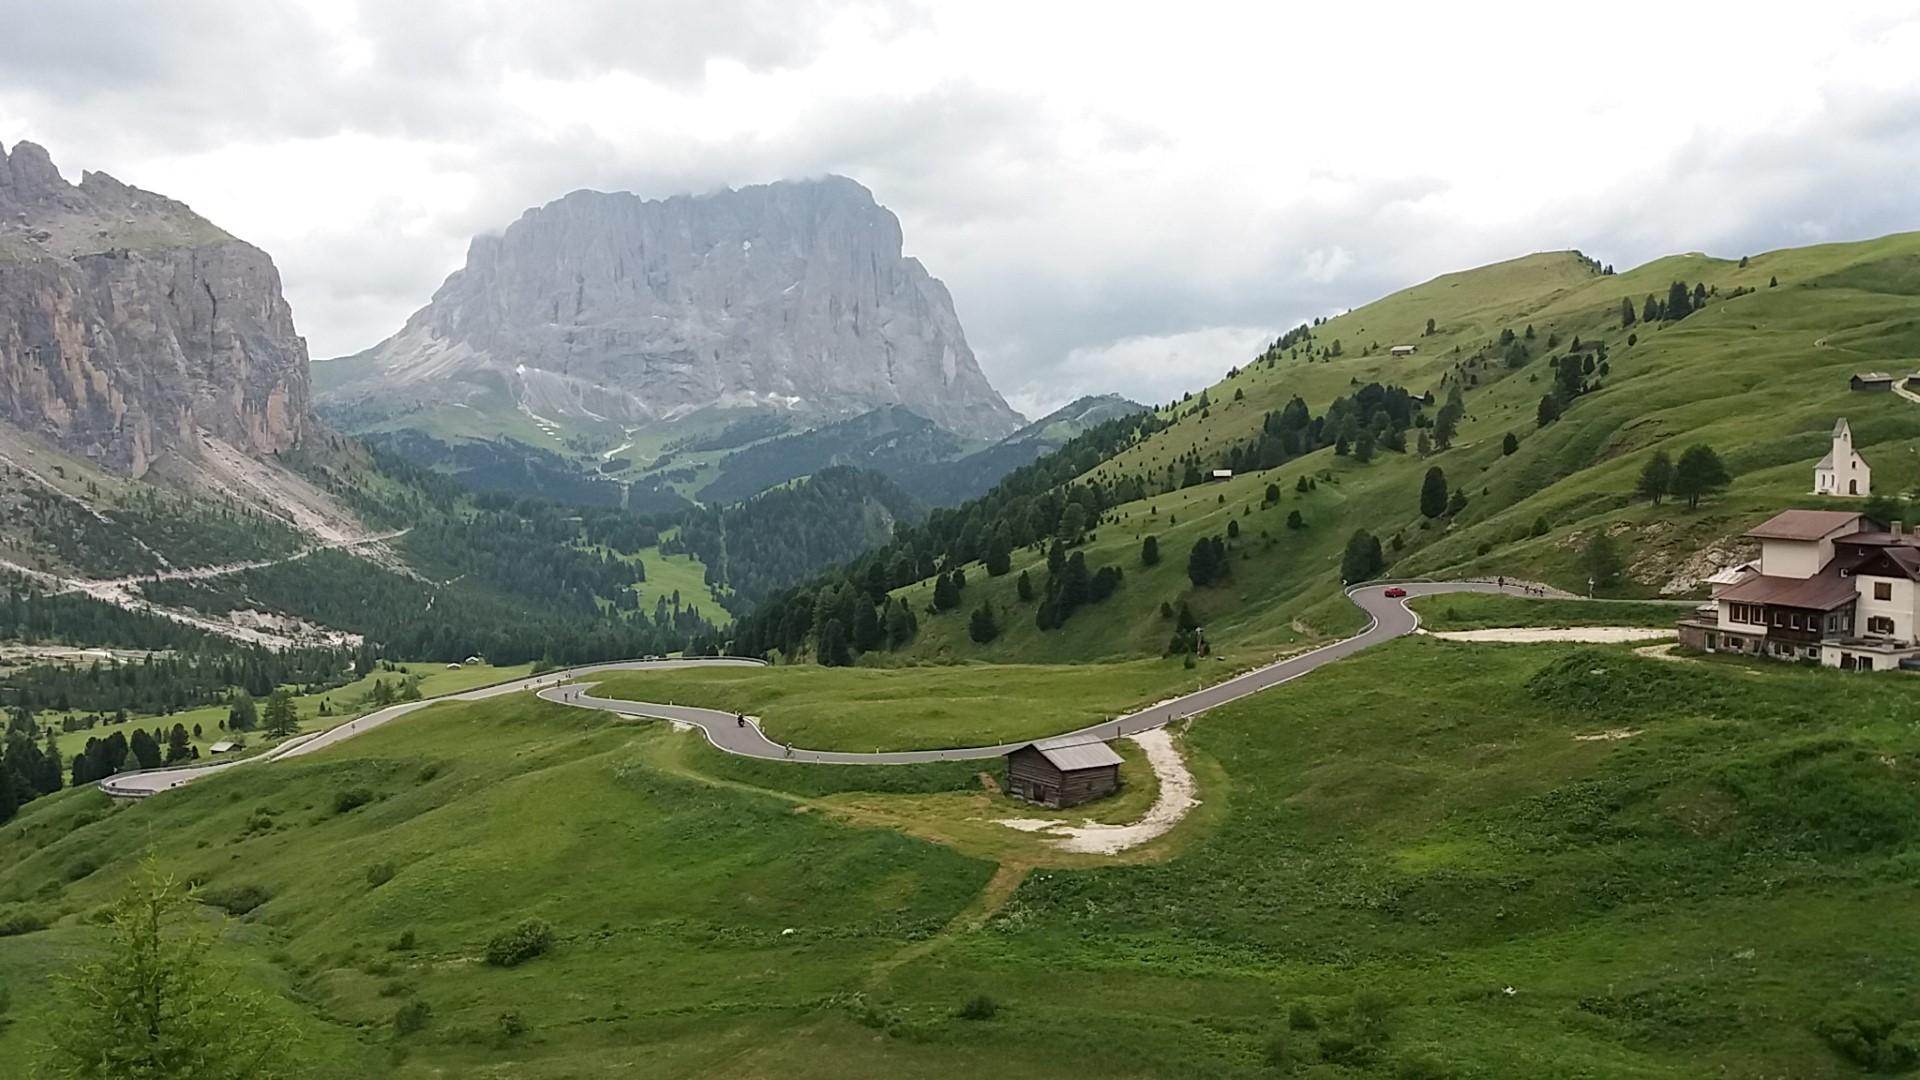 Visuale dal Passo Gardena, Corvara